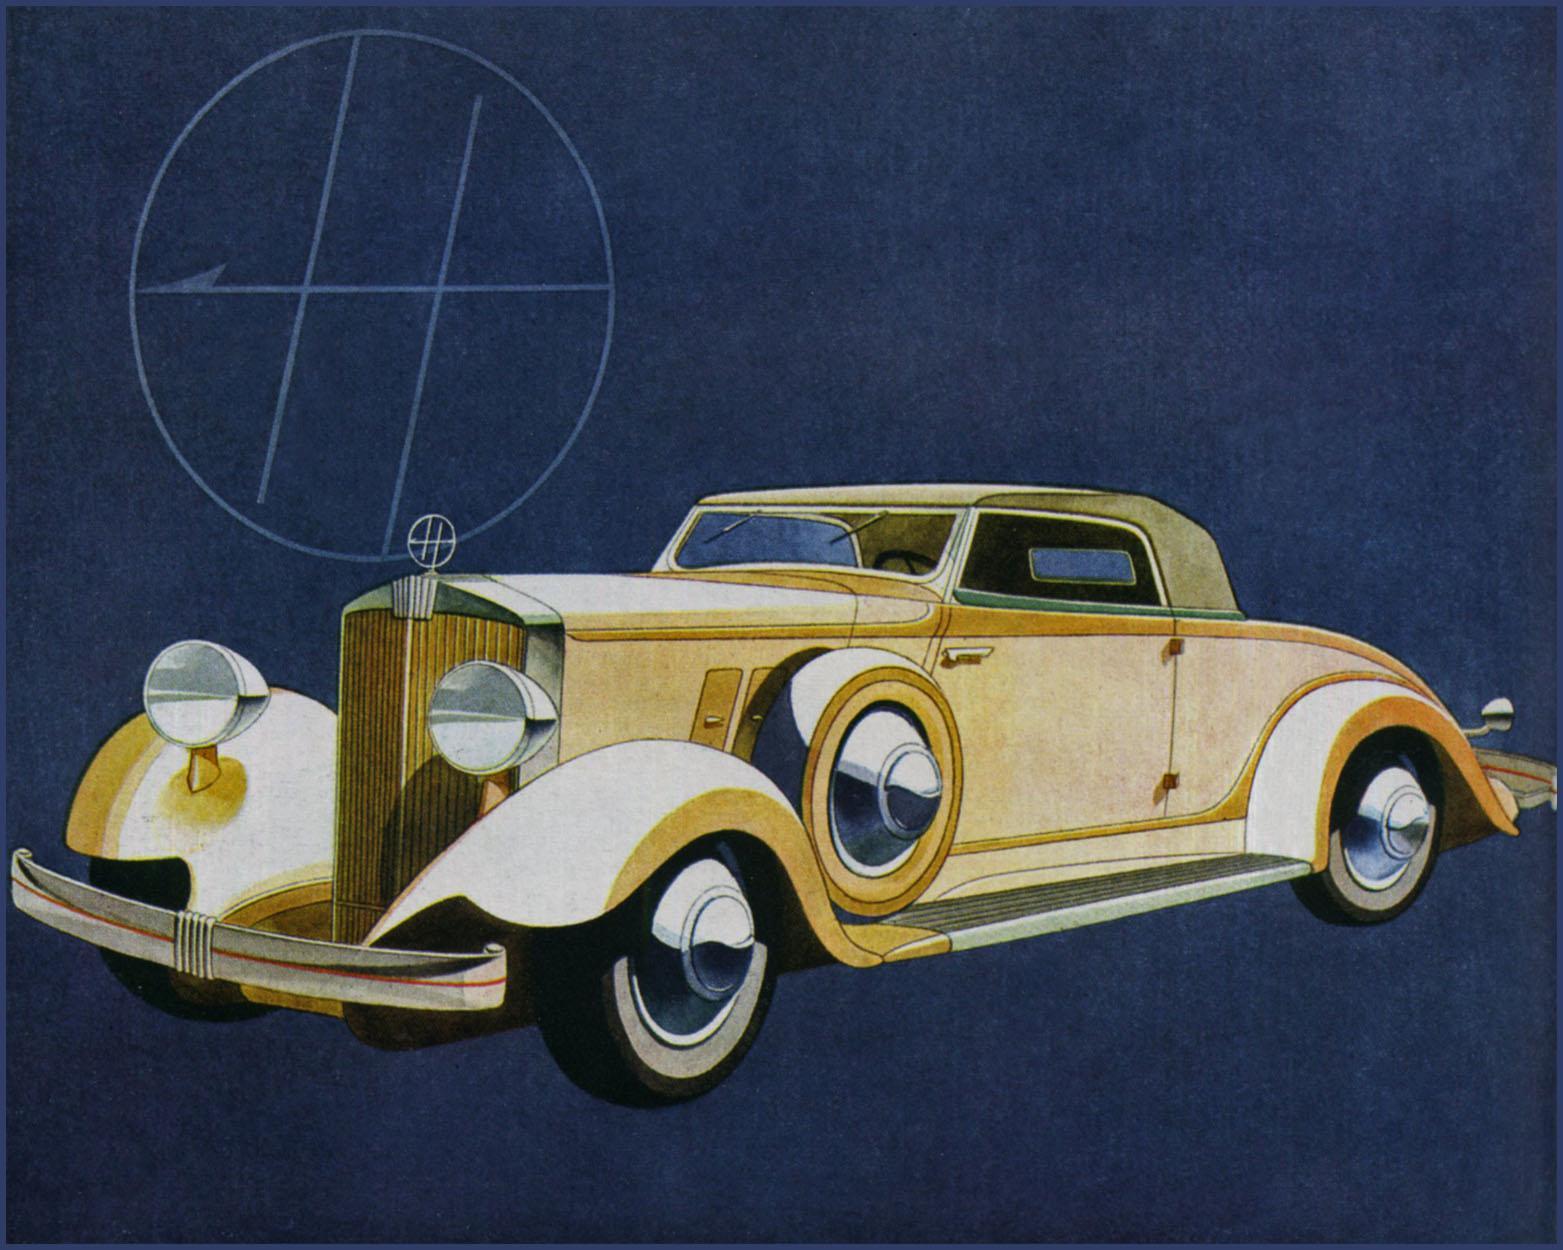 Cabriolet-RoadsterHupmobile_1932_100.jpg (1563×1250)